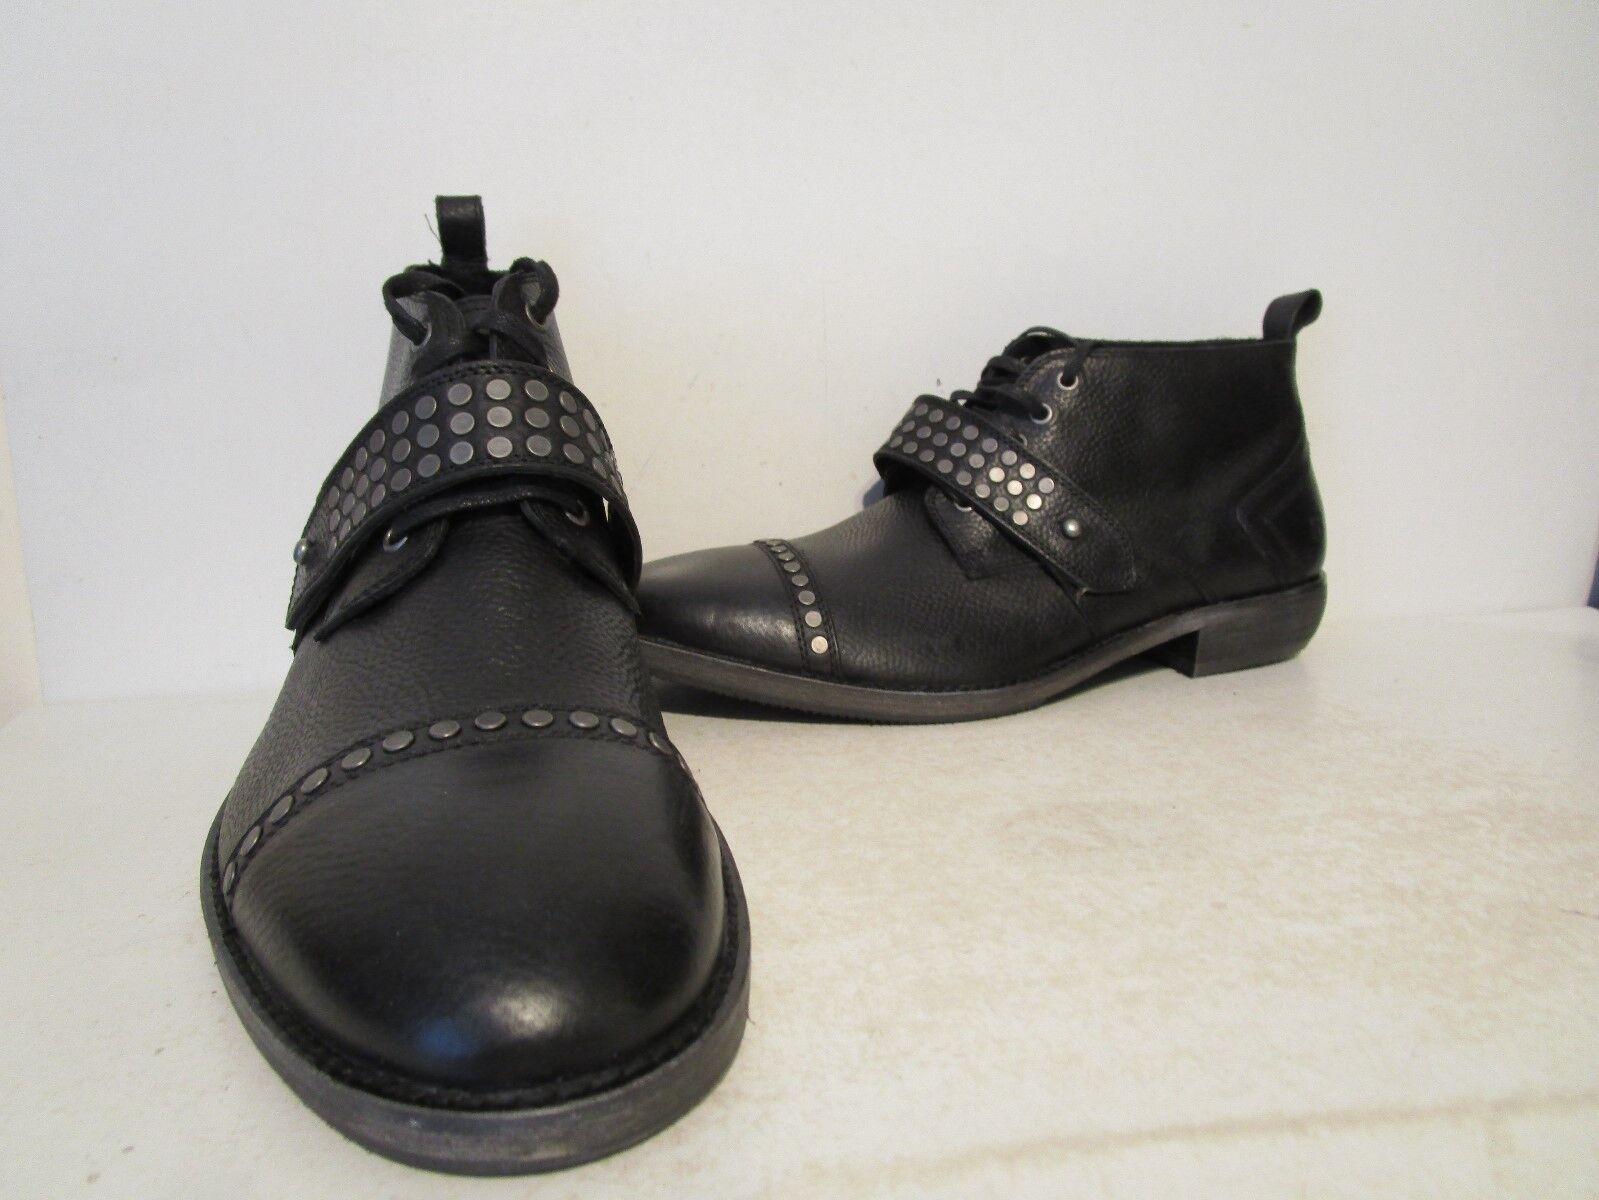 Vestido Casual Andrew Marc para hombre Willets Chukka botas Asfalto Natl Negro